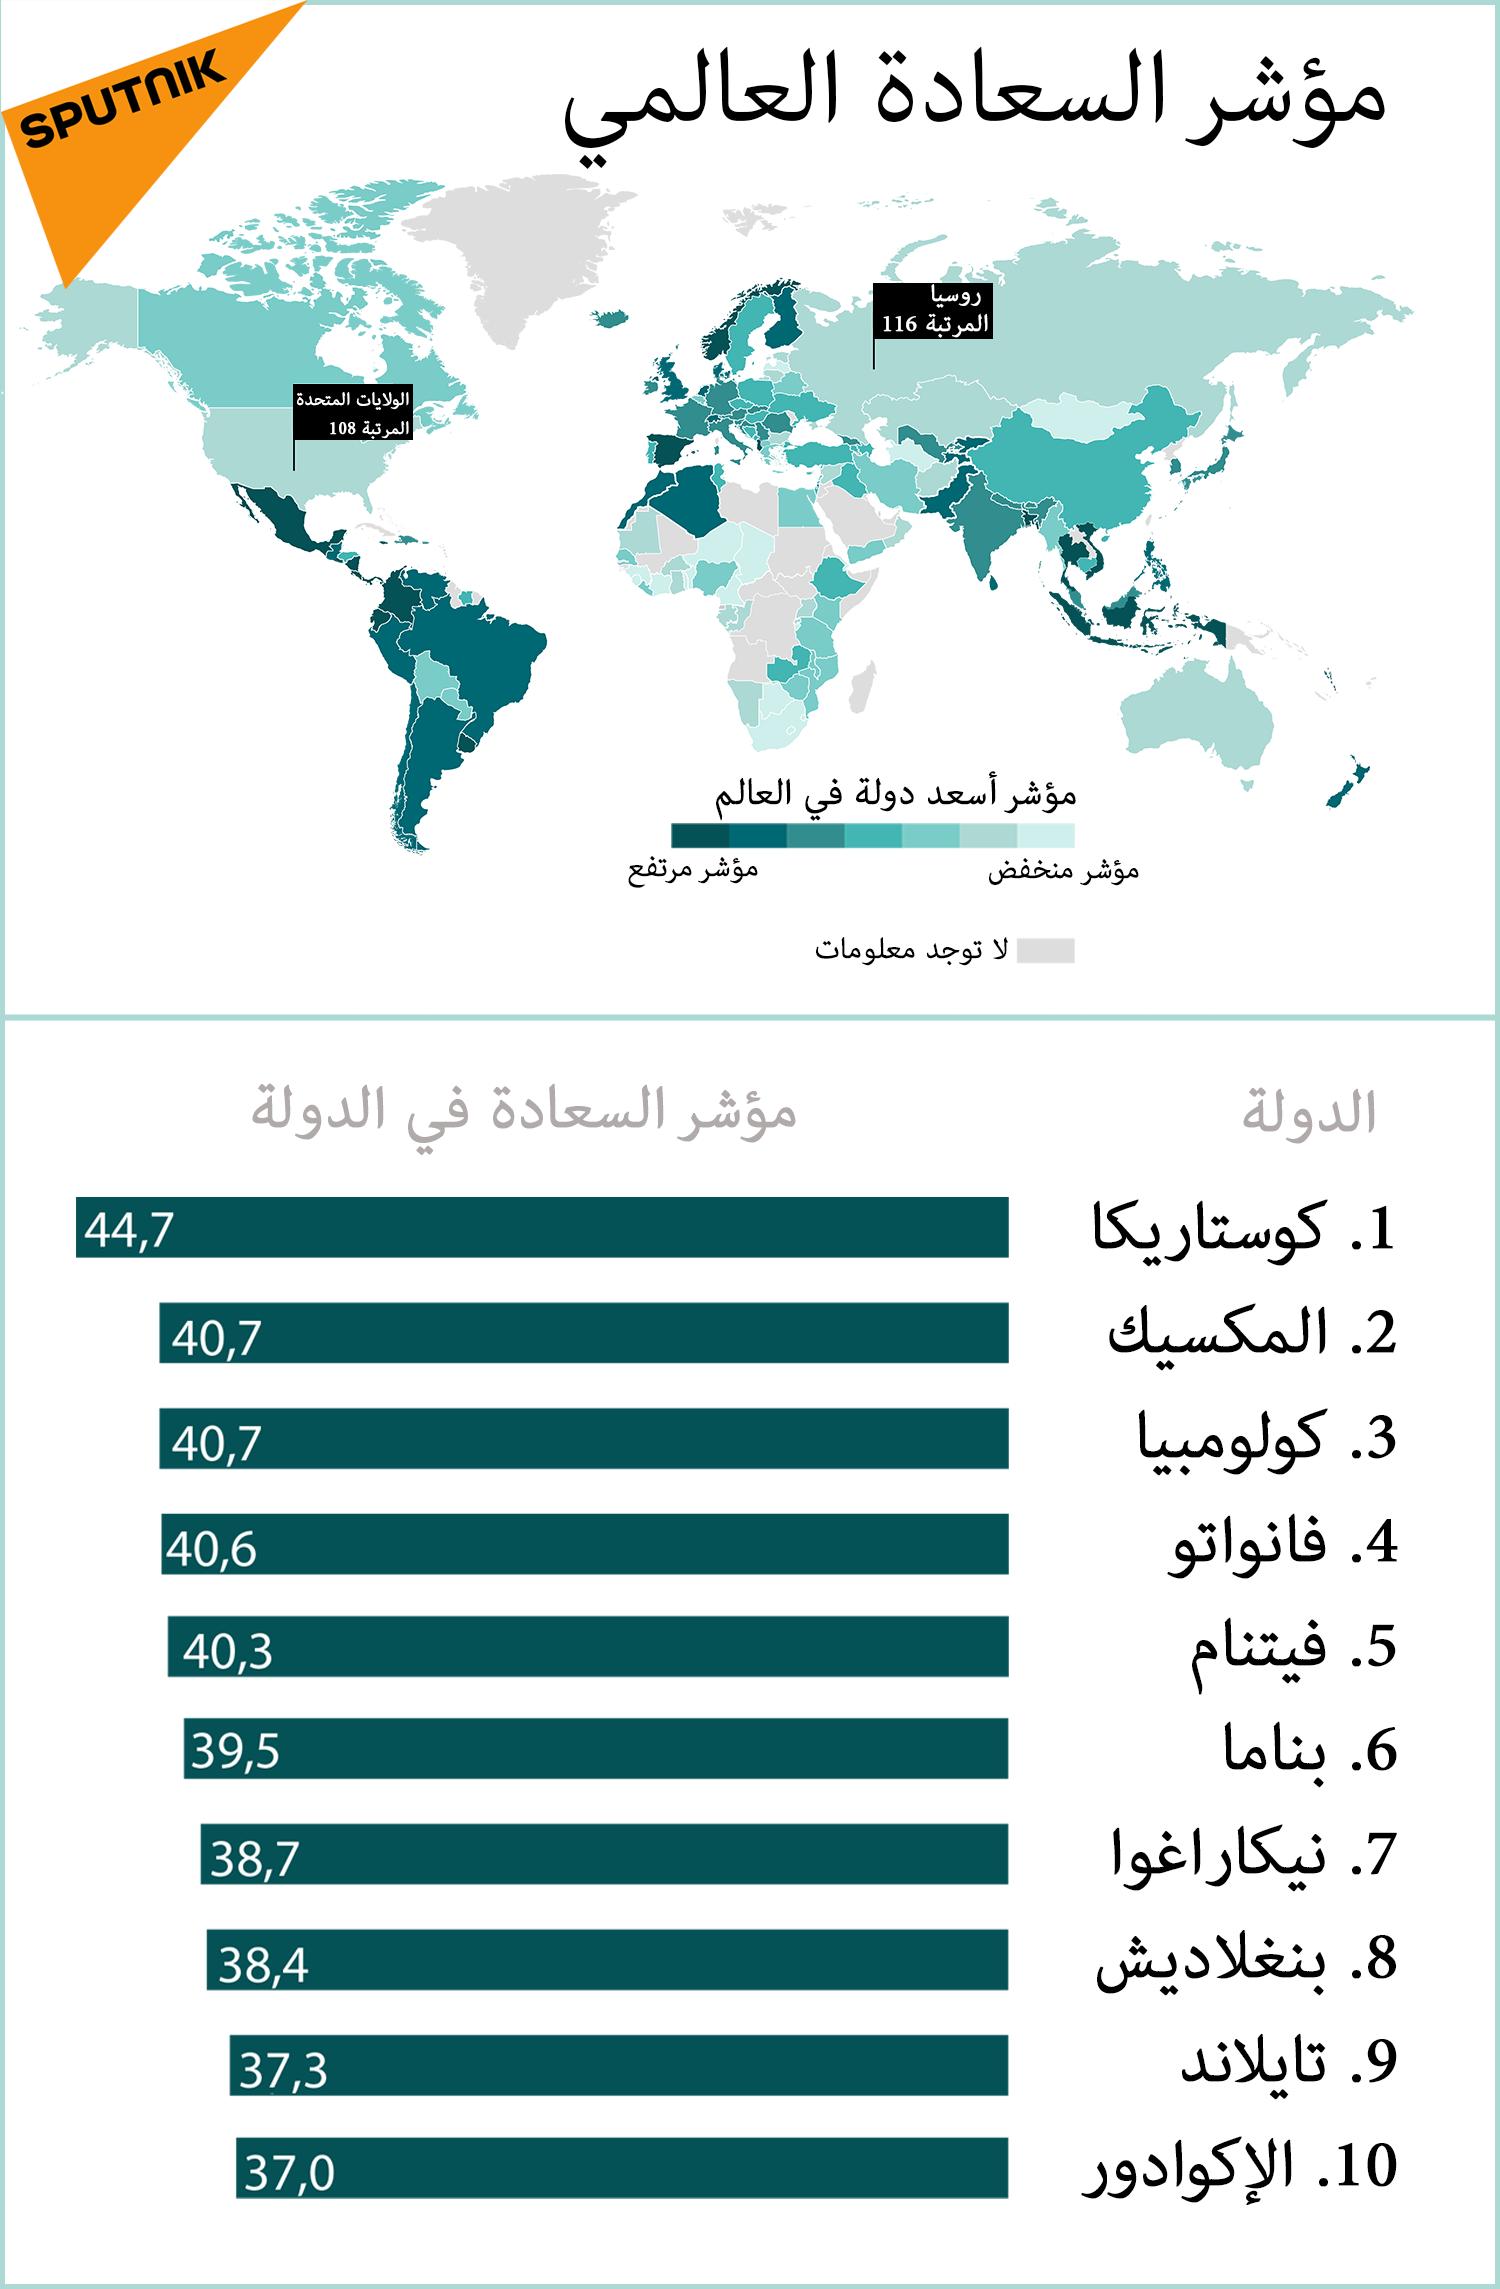 مؤشر السعادة العالمي